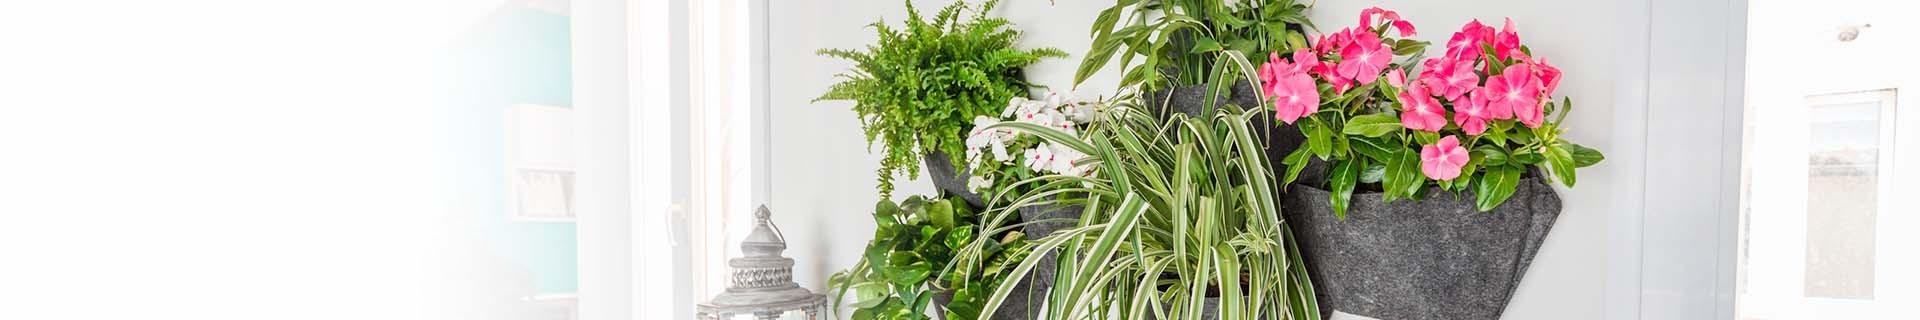 Wandpflanzgefäß für Zimmer- oder Außenpflanzen | CitySens